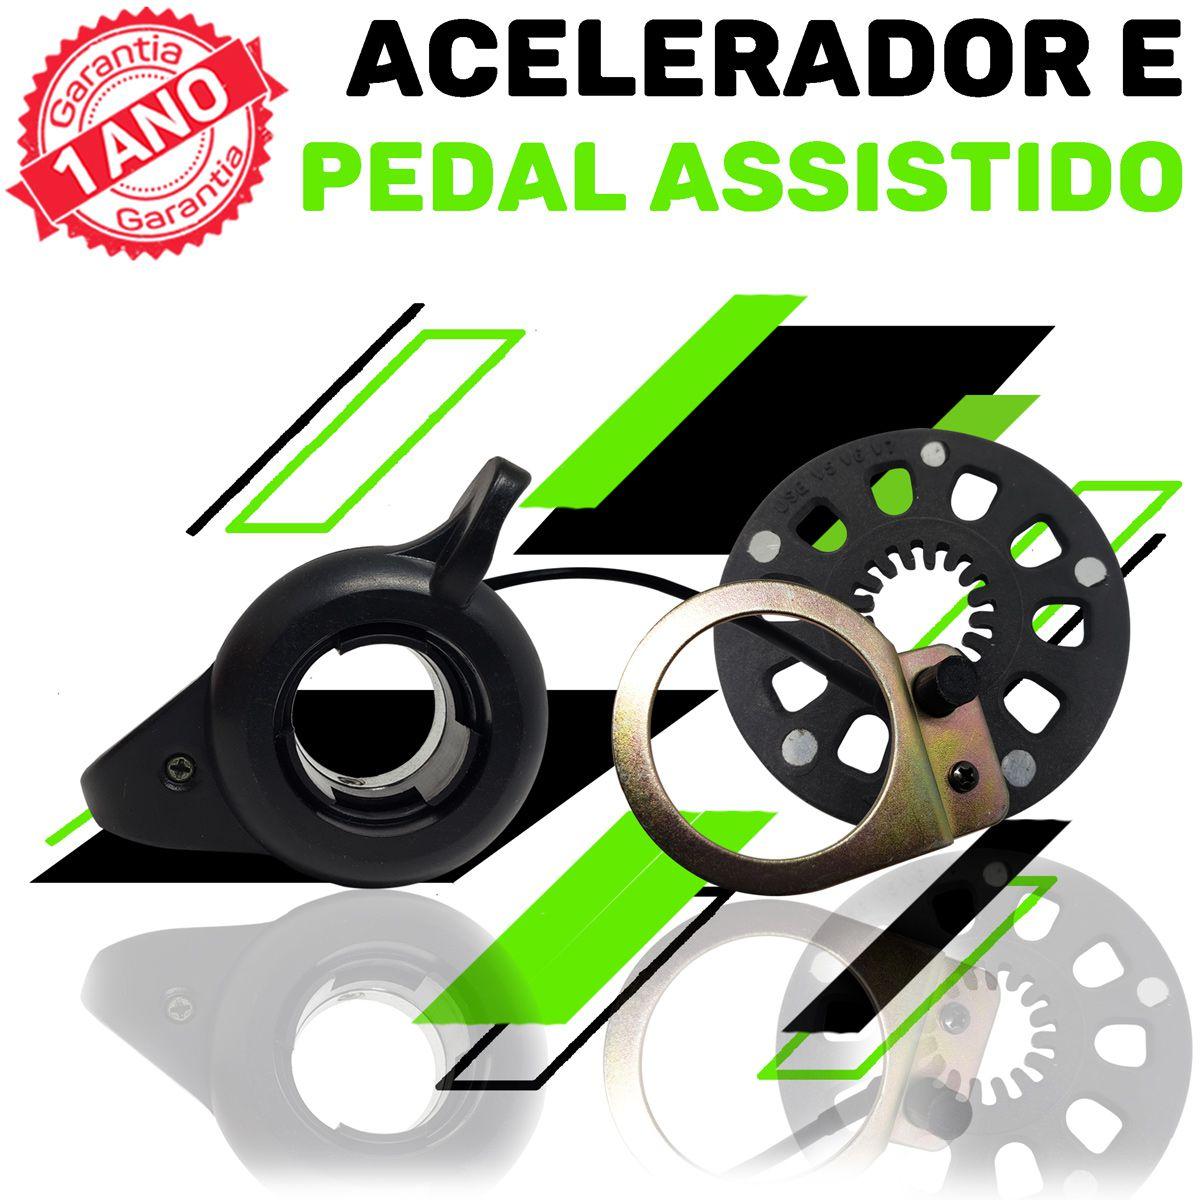 Kit Elétrico para Bicicleta - TecBike - Bateria Cilíndrica - 350 Watts 36V - Aro 700